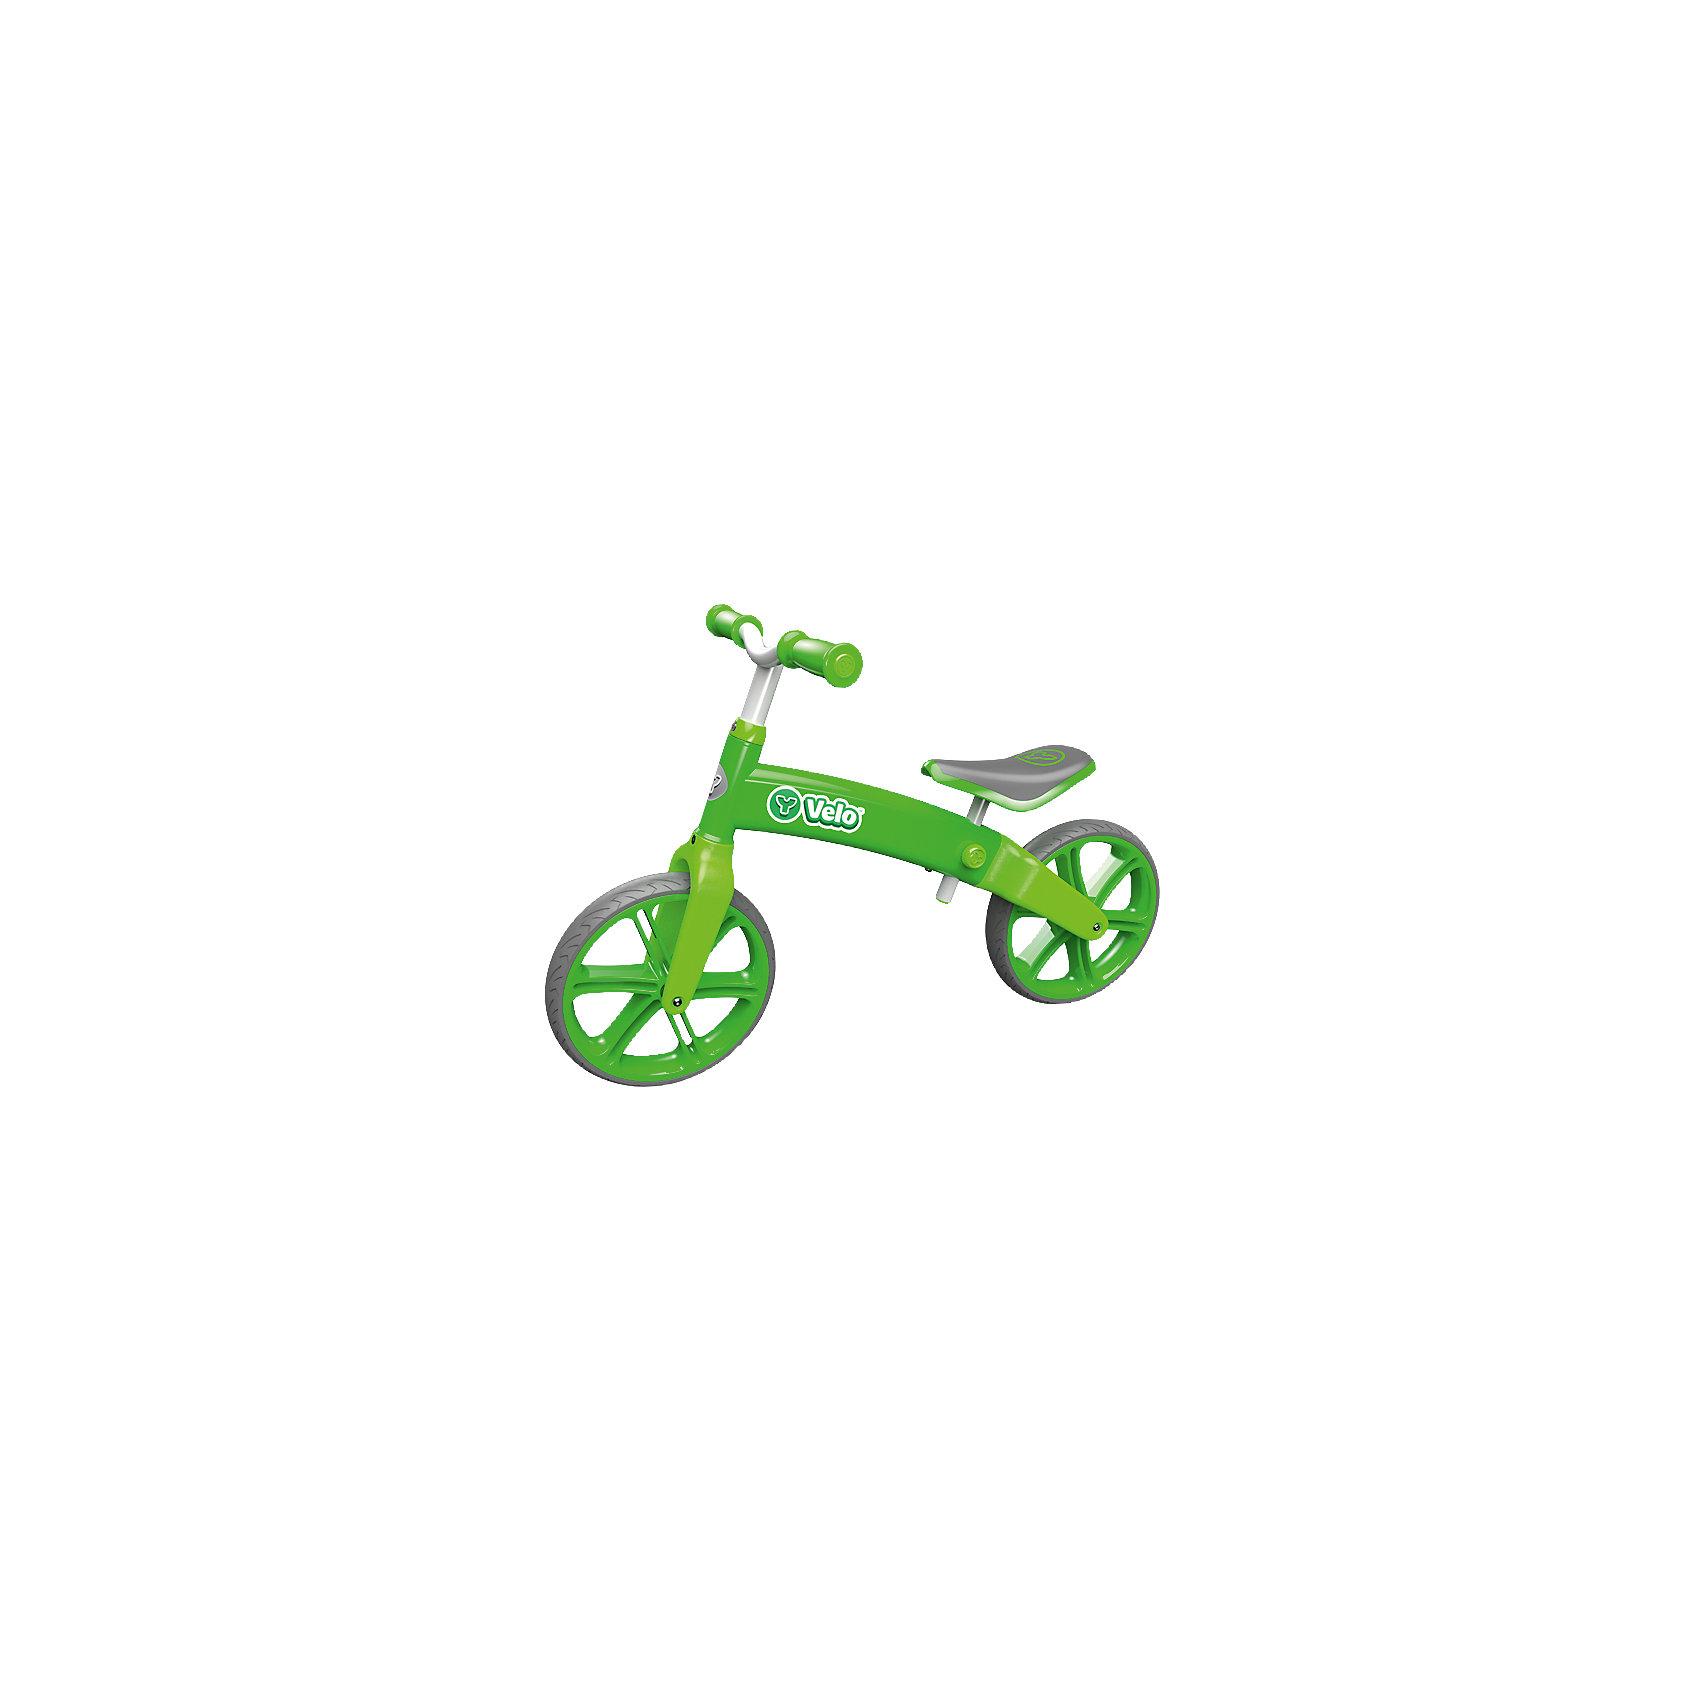 Двухколесный беговел Y-volution Velo Balance, зеленыйБеговелы<br>Характеристики товара:<br><br>• возраст: от 3 лет;<br>• максимальная нагрузка: 20 кг;<br>• материал: алюминий;<br>• диаметр колес: 12 дюймов;<br>• регулировка высоты руля и сидения в 3 позициях;<br>• максимальная высота руля: 57 см;<br>• максимальная высота сидения: 43 см;<br>• вес беговела: 4 кг;<br>• размер упаковки: 86,5х35,5х57 см;<br>• вес упаковки: 4 кг;<br>• страна производитель: Китай.<br><br>Беговел Yvolution Velo Balance зеленый разнообразит прогулку на свежем воздухе, поспособствует развитию физических данных ребенка, научит его держать равновесие и координировать движения. Отталкиваясь ножками от земли, ребенок приобретает навыки катания и сохраняет равновесие.<br><br>Руль и сидение регулируются по высоте под растущего ребенка. На ручках руля предусмотрены противоскользящие накладки. Подшипники делают катание ровным и плавным. Рама выполнена из прочного облегченного алюминия. <br><br>Беговел Yvolution Velo Balance зеленый можно приобрести в нашем интернет-магазине.<br><br>Ширина мм: 624<br>Глубина мм: 291<br>Высота мм: 200<br>Вес г: 4632<br>Цвет: зеленый<br>Возраст от месяцев: 36<br>Возраст до месяцев: 2147483647<br>Пол: Унисекс<br>Возраст: Детский<br>SKU: 4592674